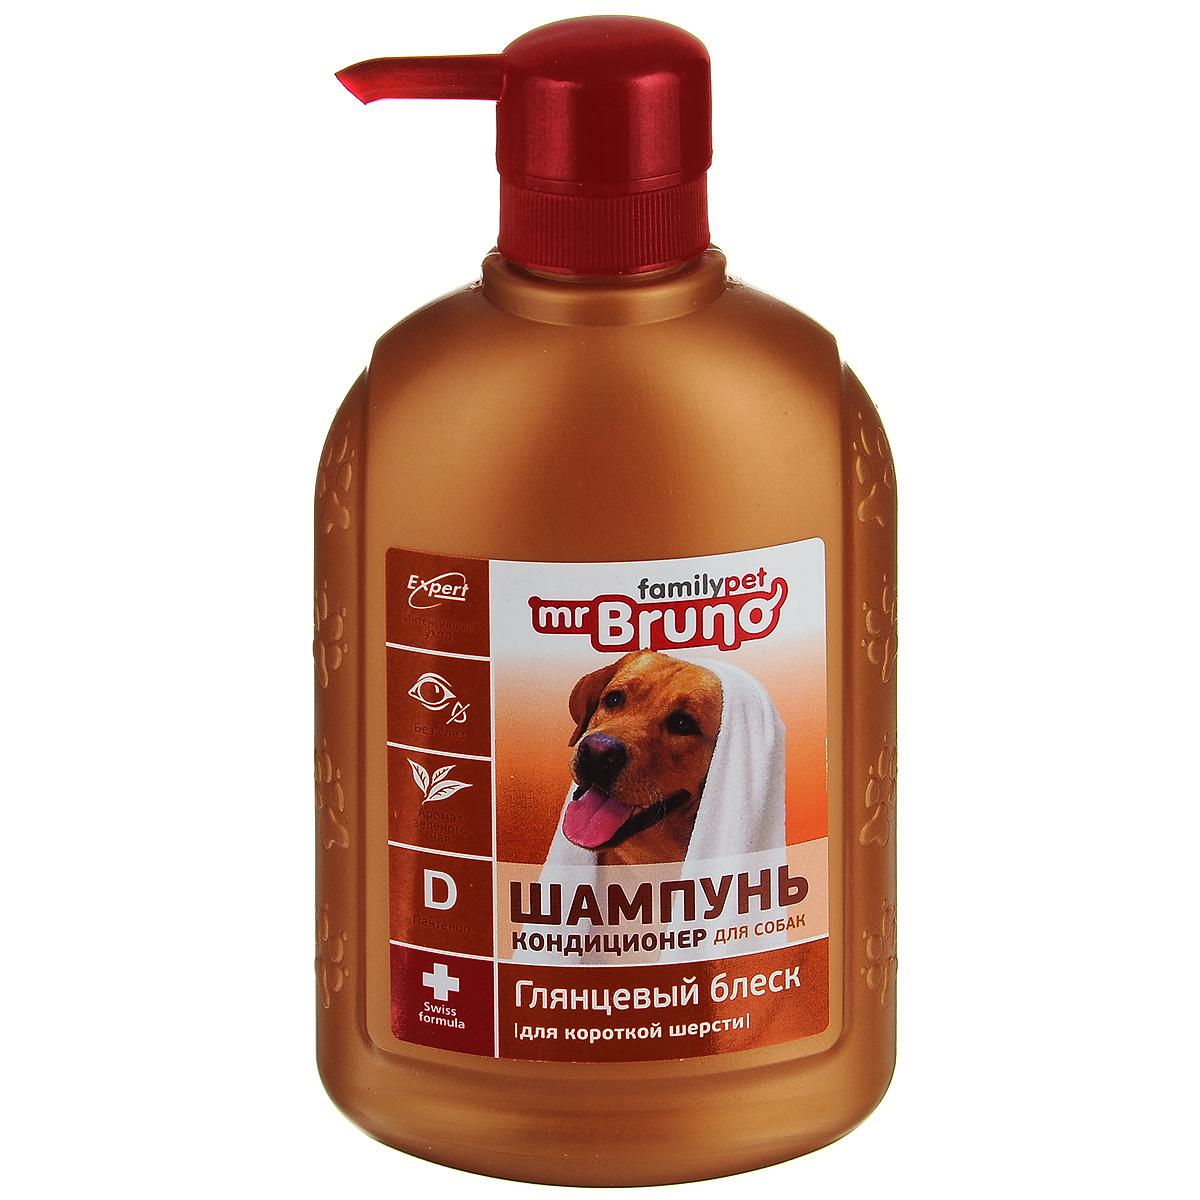 Шампунь-кондиционер для собак Mr. Bruno Глянцевый блеск, для короткой шерсти, 350 мл